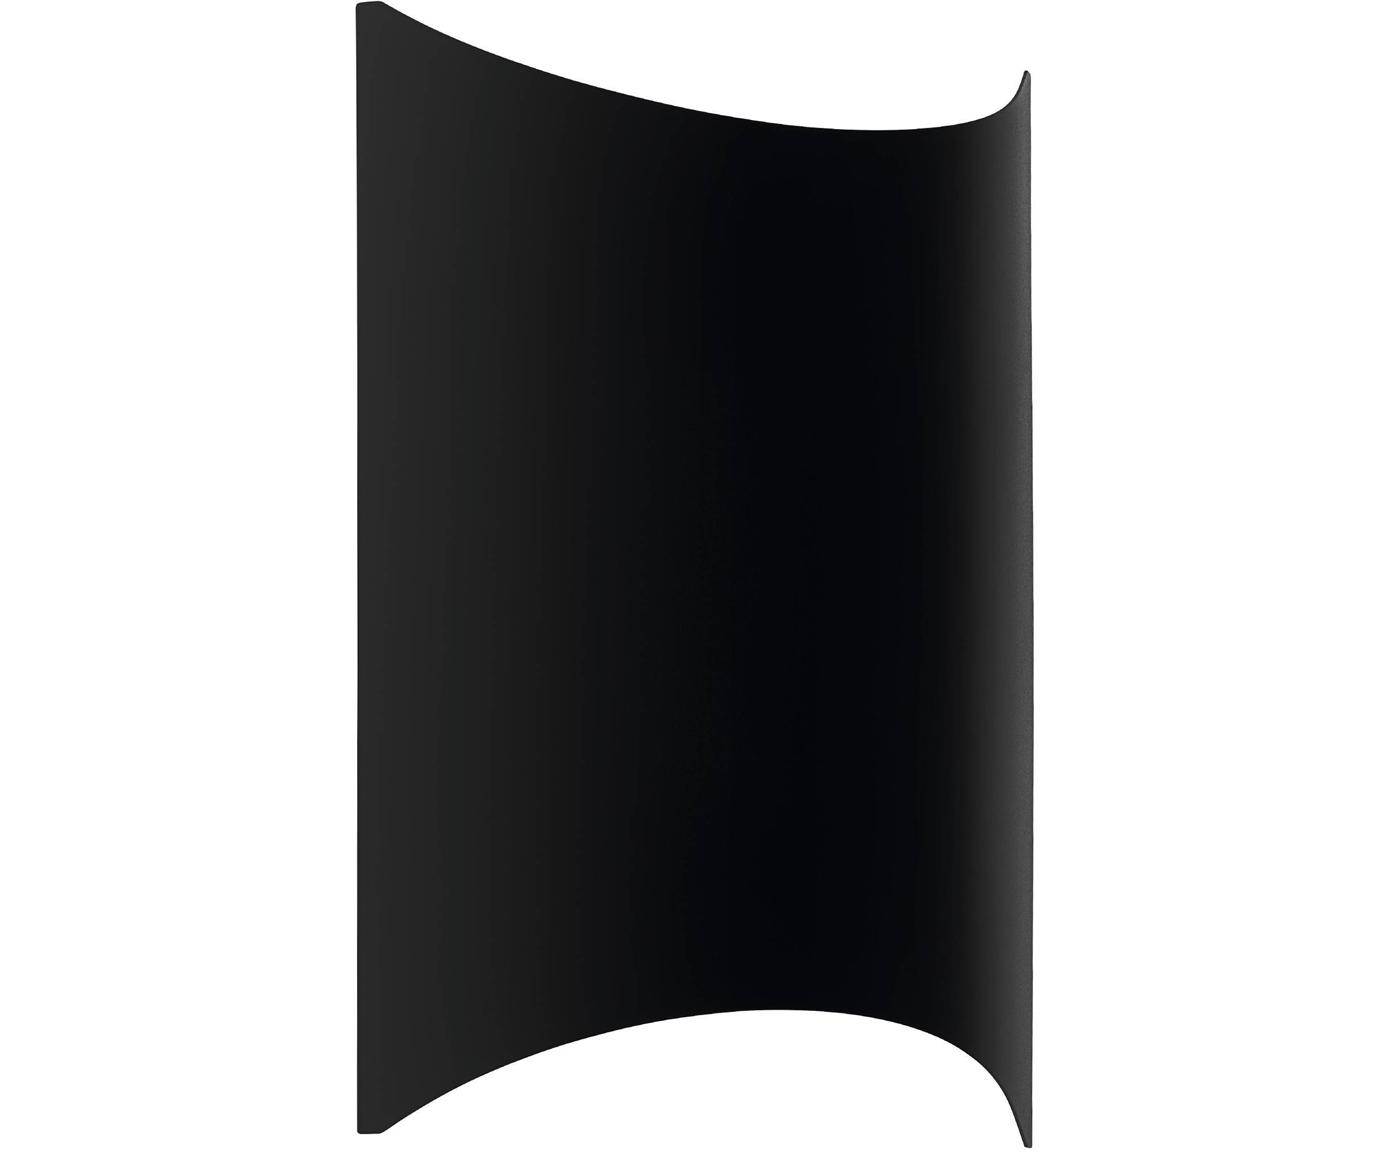 Applique a LED da esterno Lagasco, Acciaio zincato, Nero, Larg. 19 x Alt. 28 cm